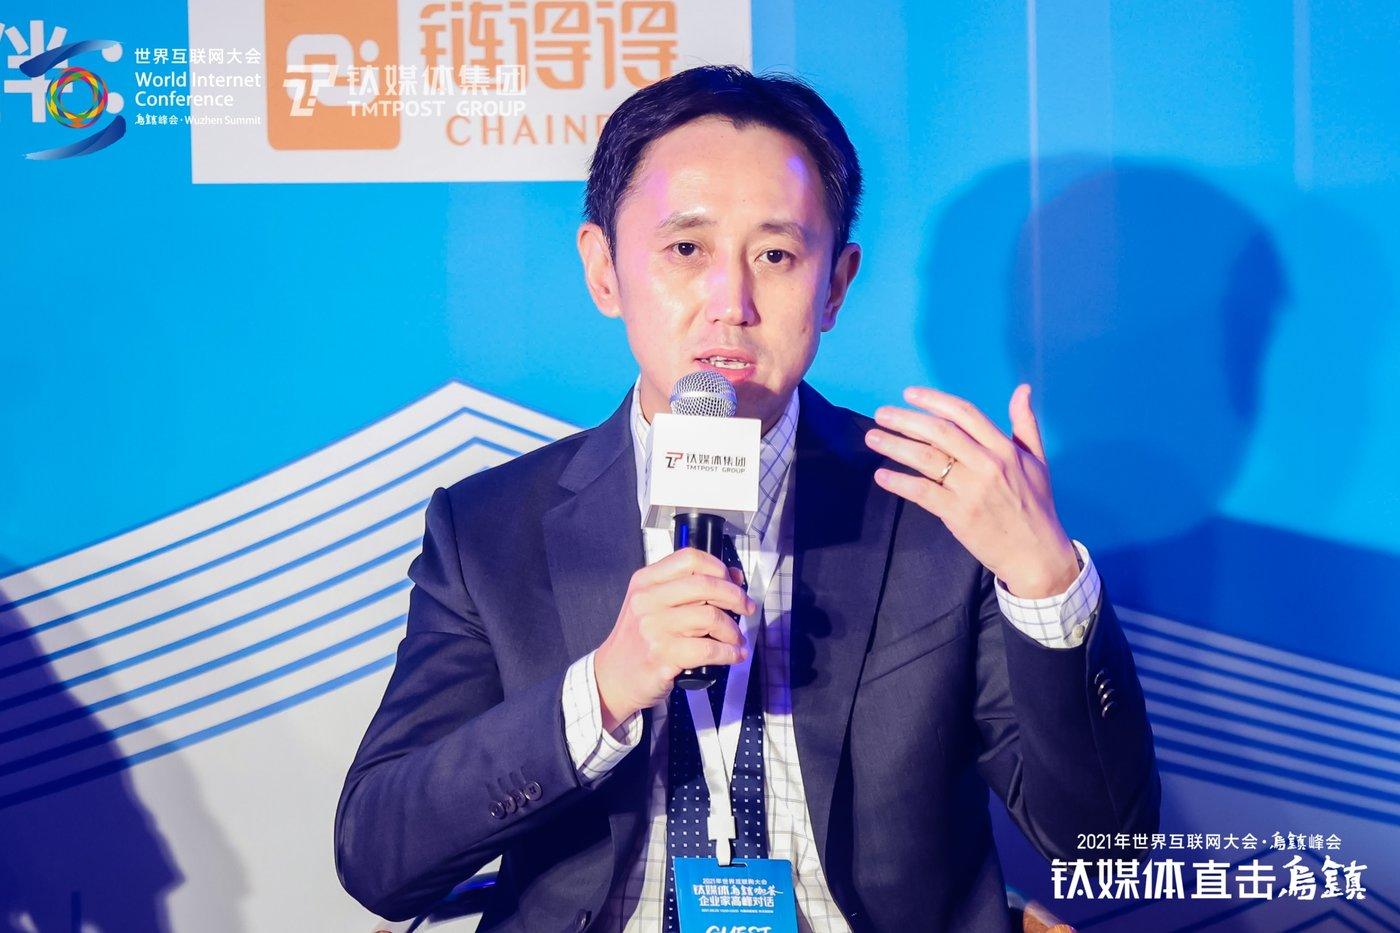 波士顿咨询公司董事总经理、全球合伙人 王欣